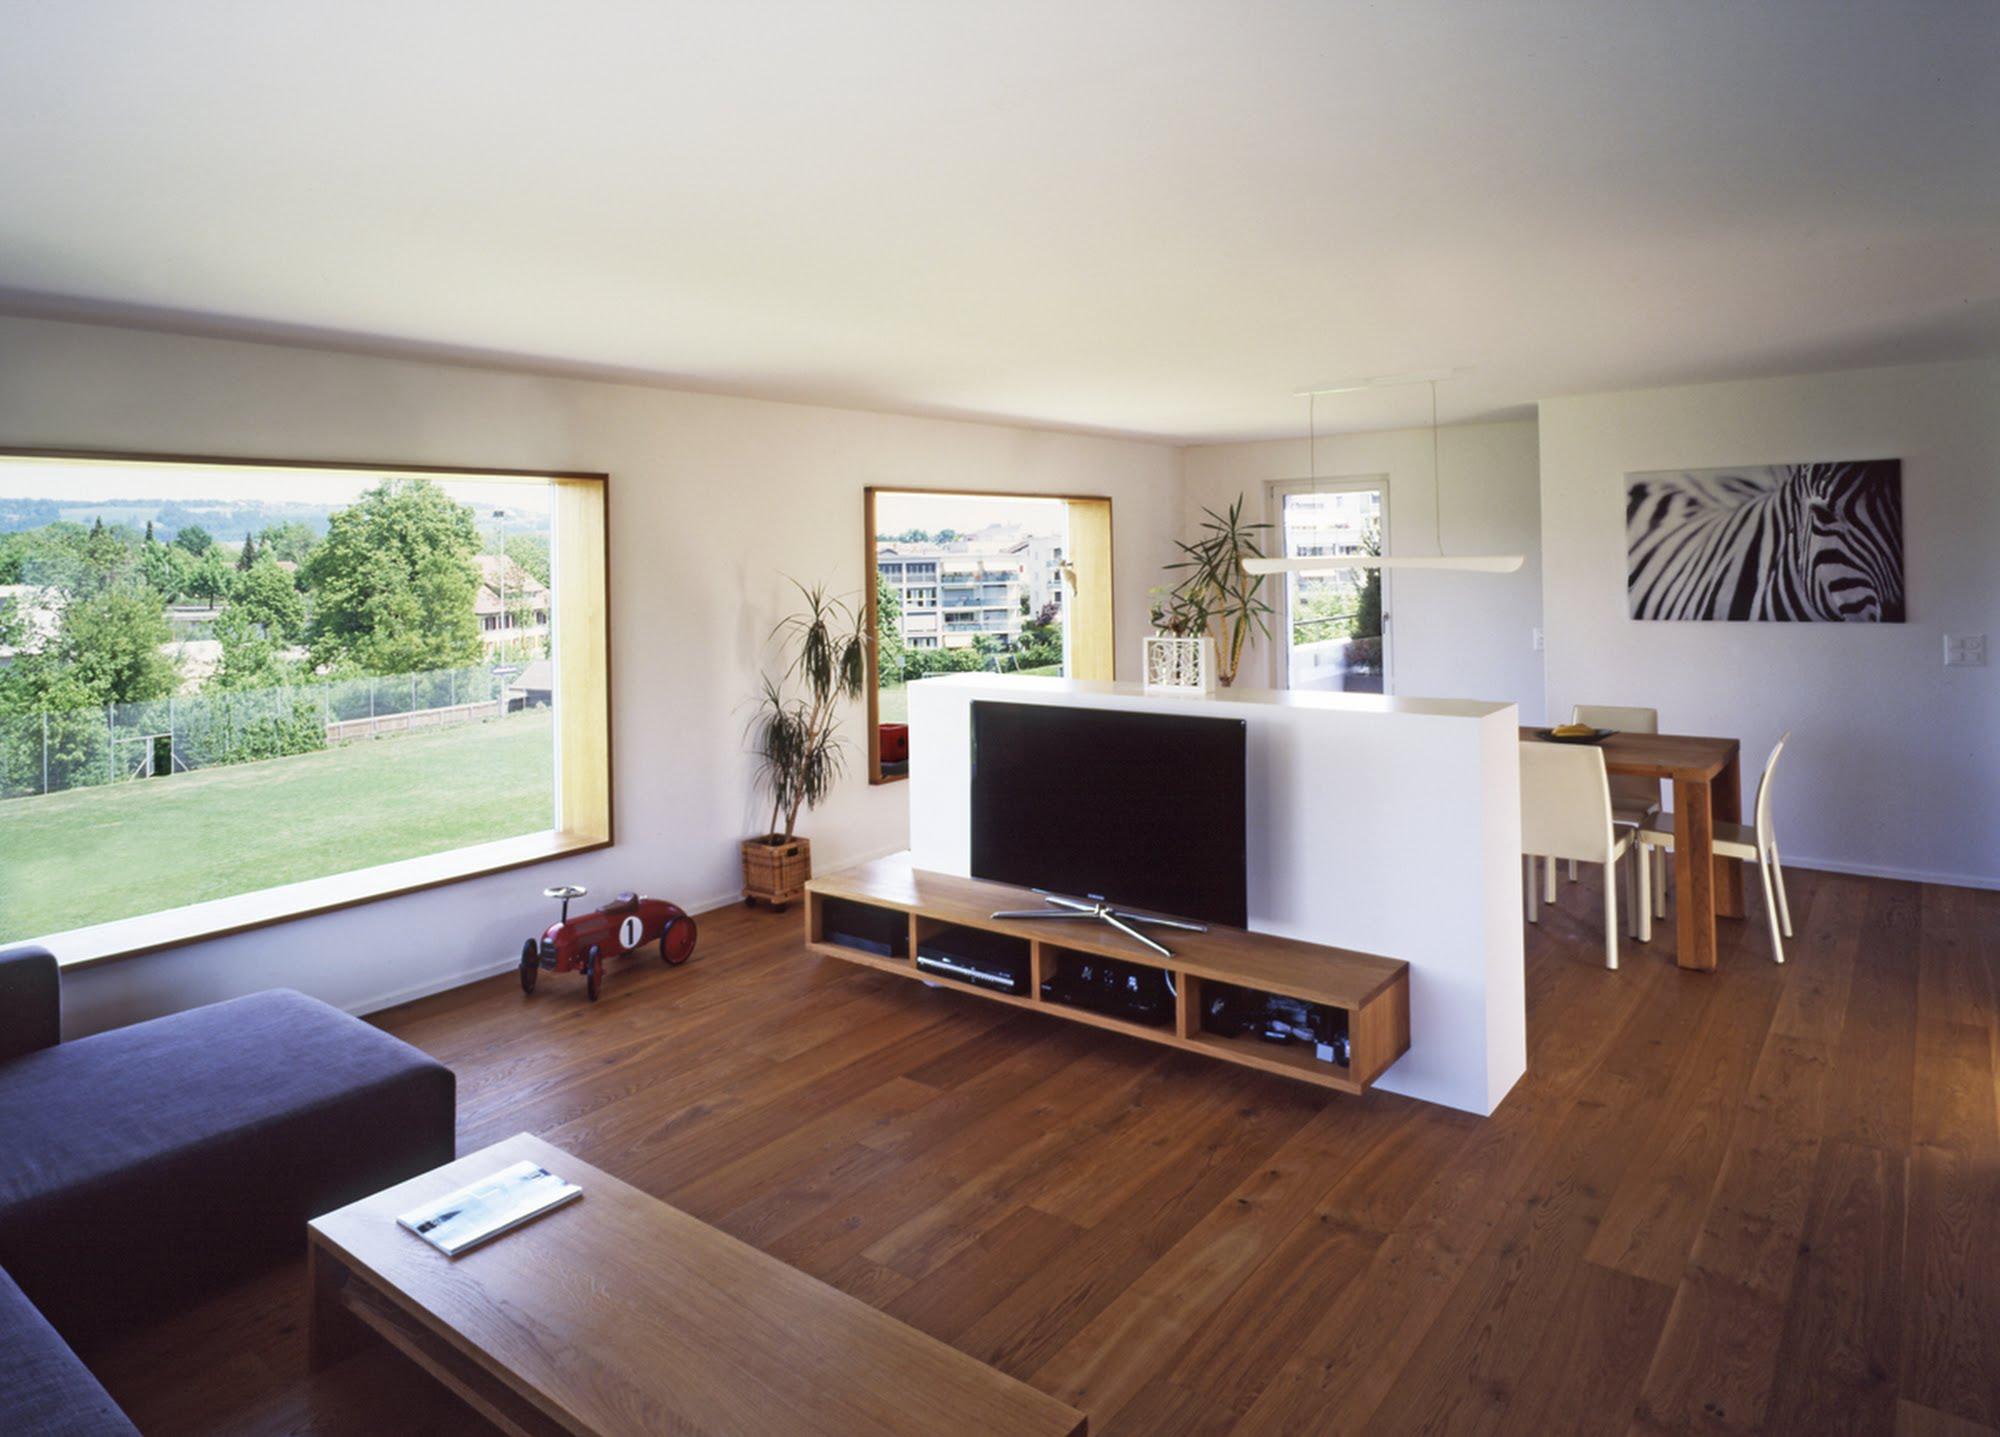 Wohnen EFH DEFH in Oberkirch Architektur,Wohnungsbau,Wohnhäuser,Einfamilienhäuser,Mehrfamilienhäuser